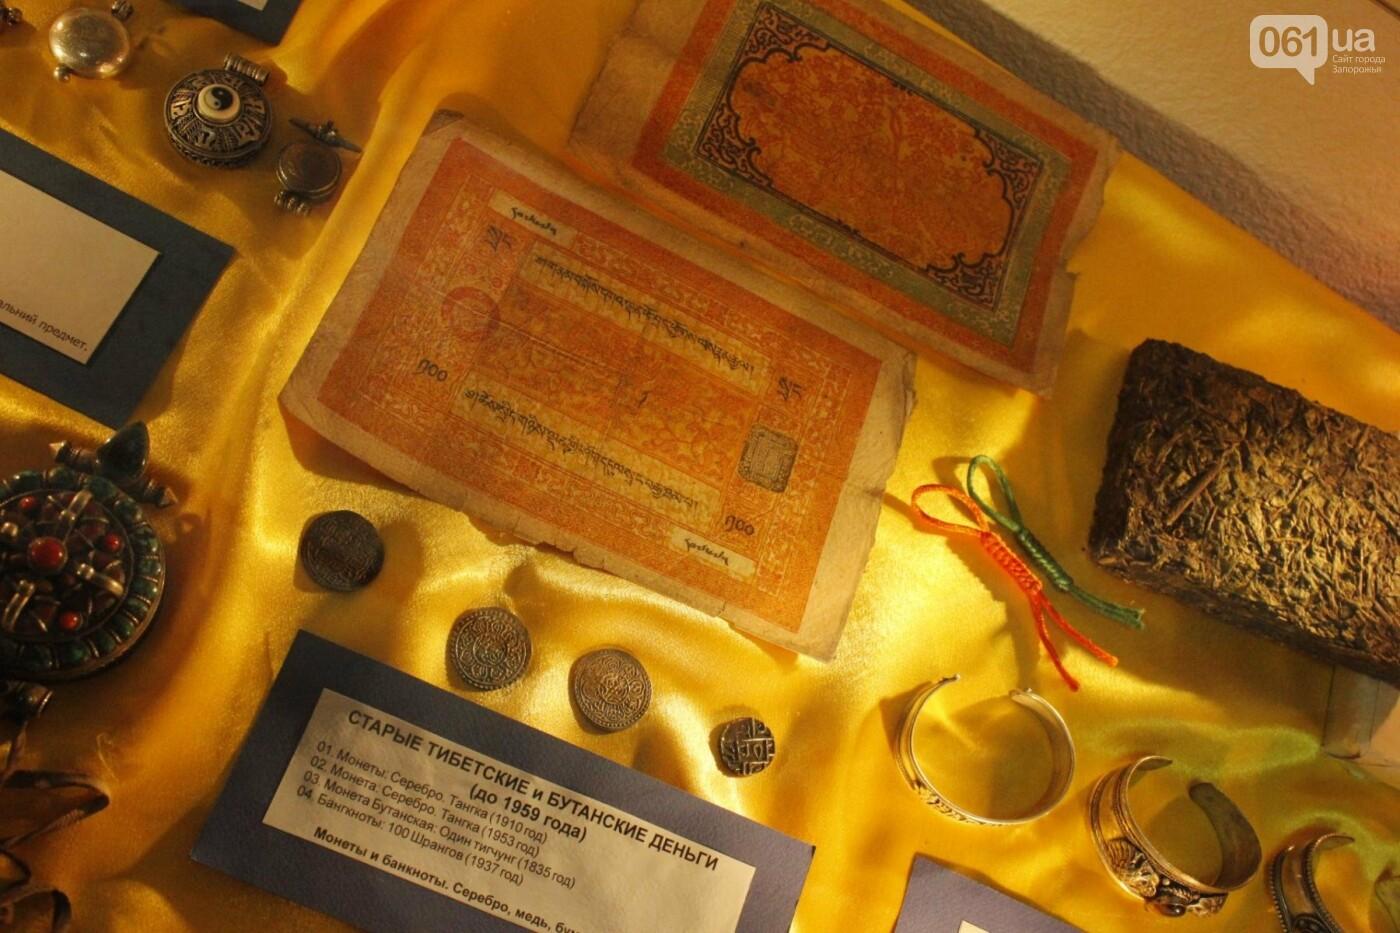 """В Запорожье выставка """"Сокровища Тибета"""" открыла Дни буддийской культуры, - ФОТОРЕПОРТАЖ, фото-39"""